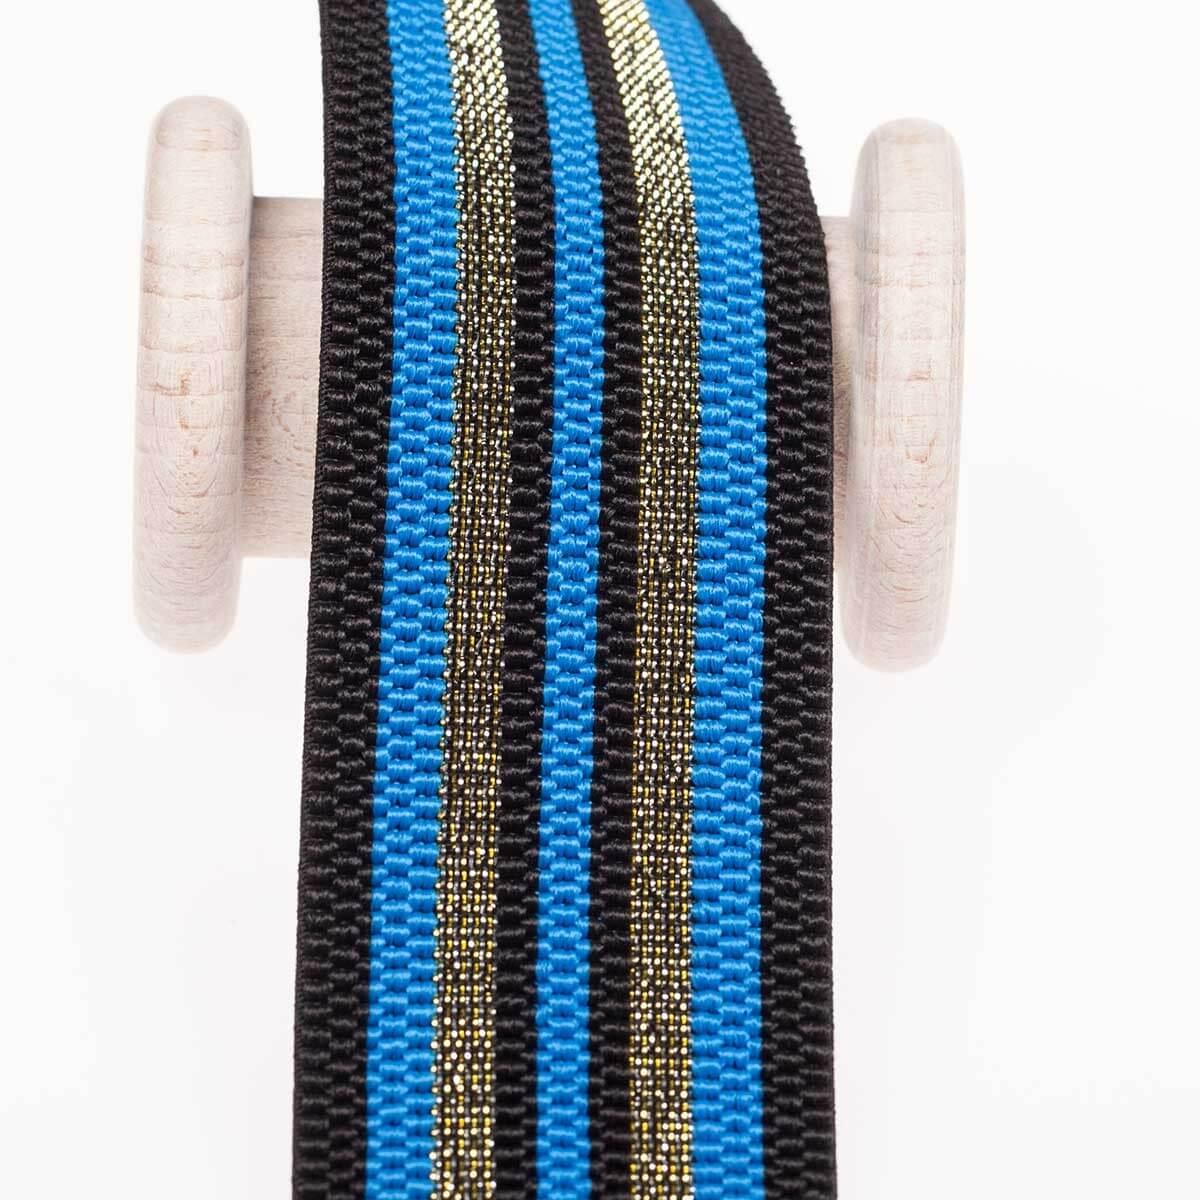 f8db837a5e5 Ruban ceinture élastique à rayures lurex au mètre - Bleu   or ...